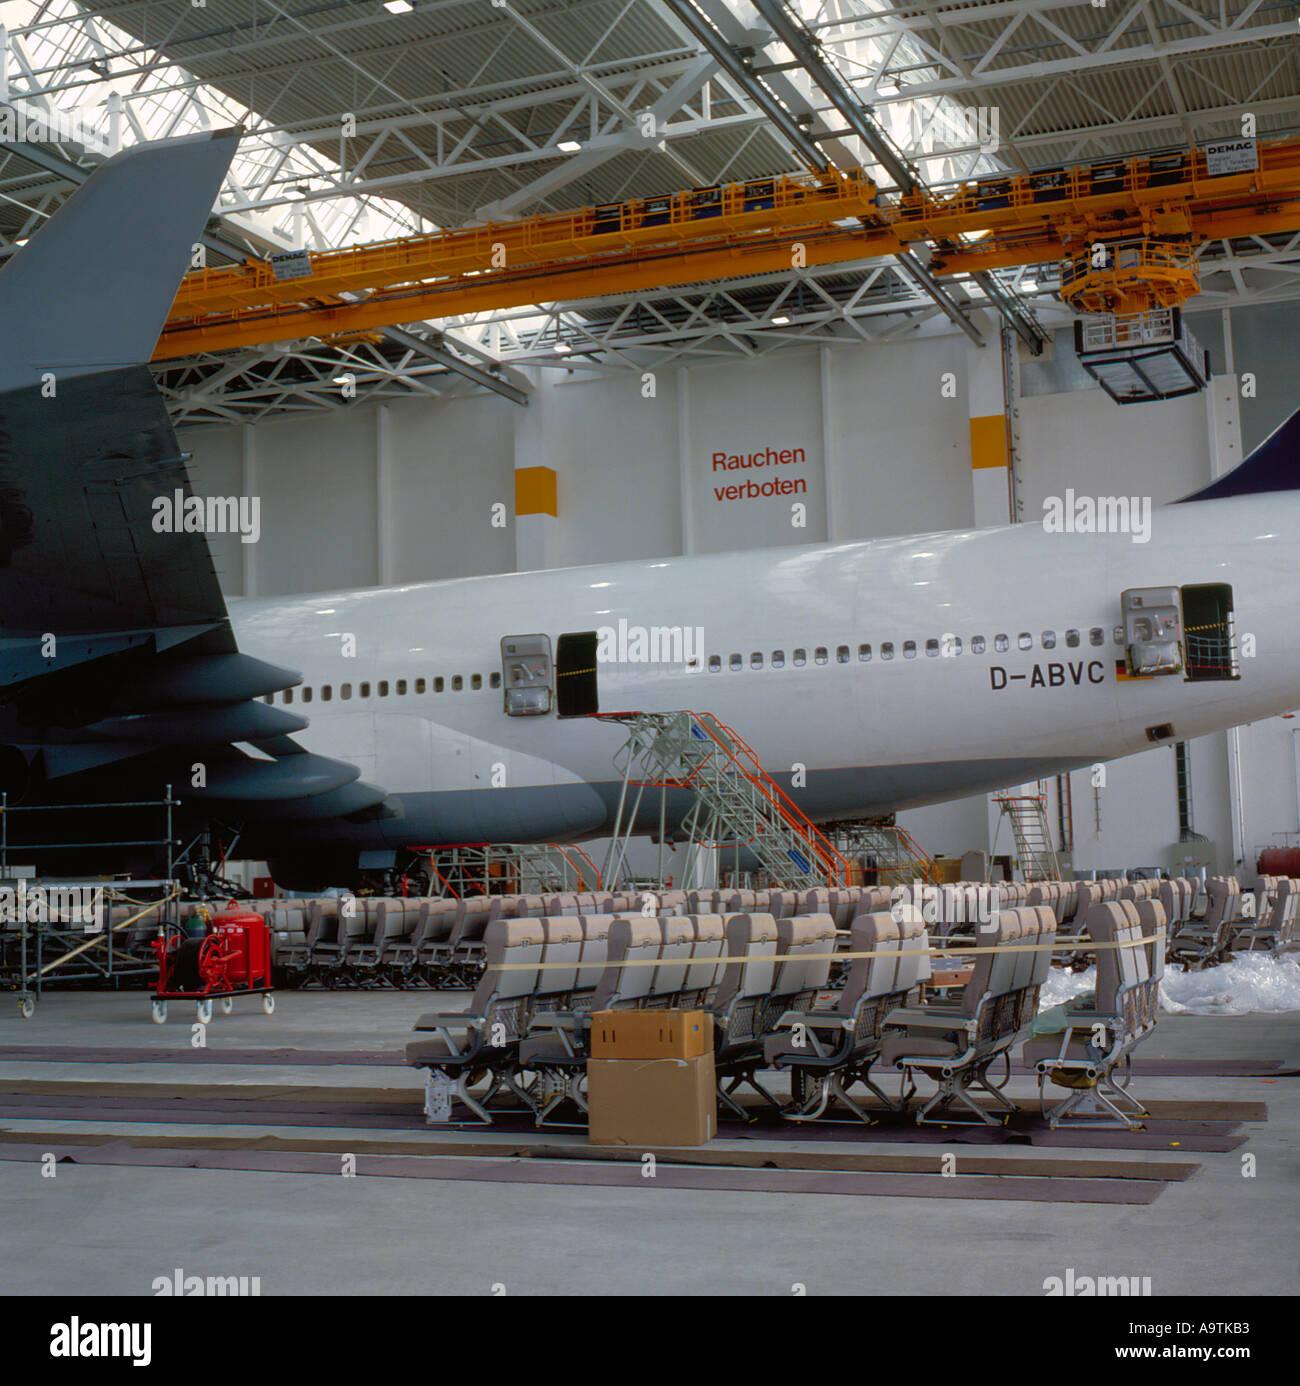 Lufthansa Boeing 747-430 in Hangar at Franz Josef Strauss International Airport Munich  Bavaria Germany. Photo by Stock Photo